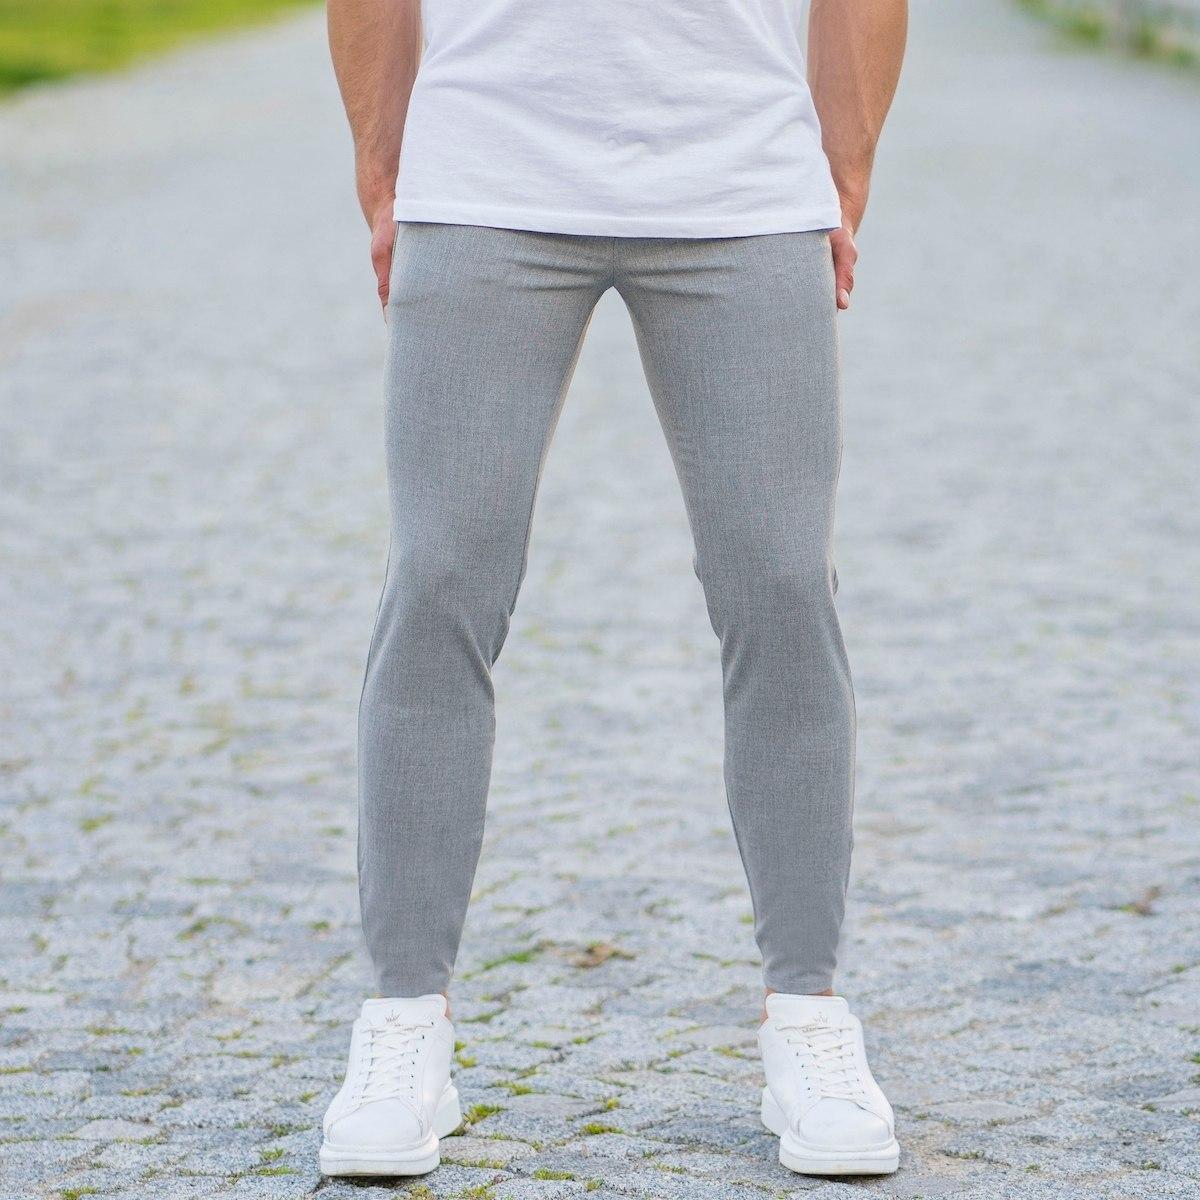 Men's Skinny Trousers In Light Gray